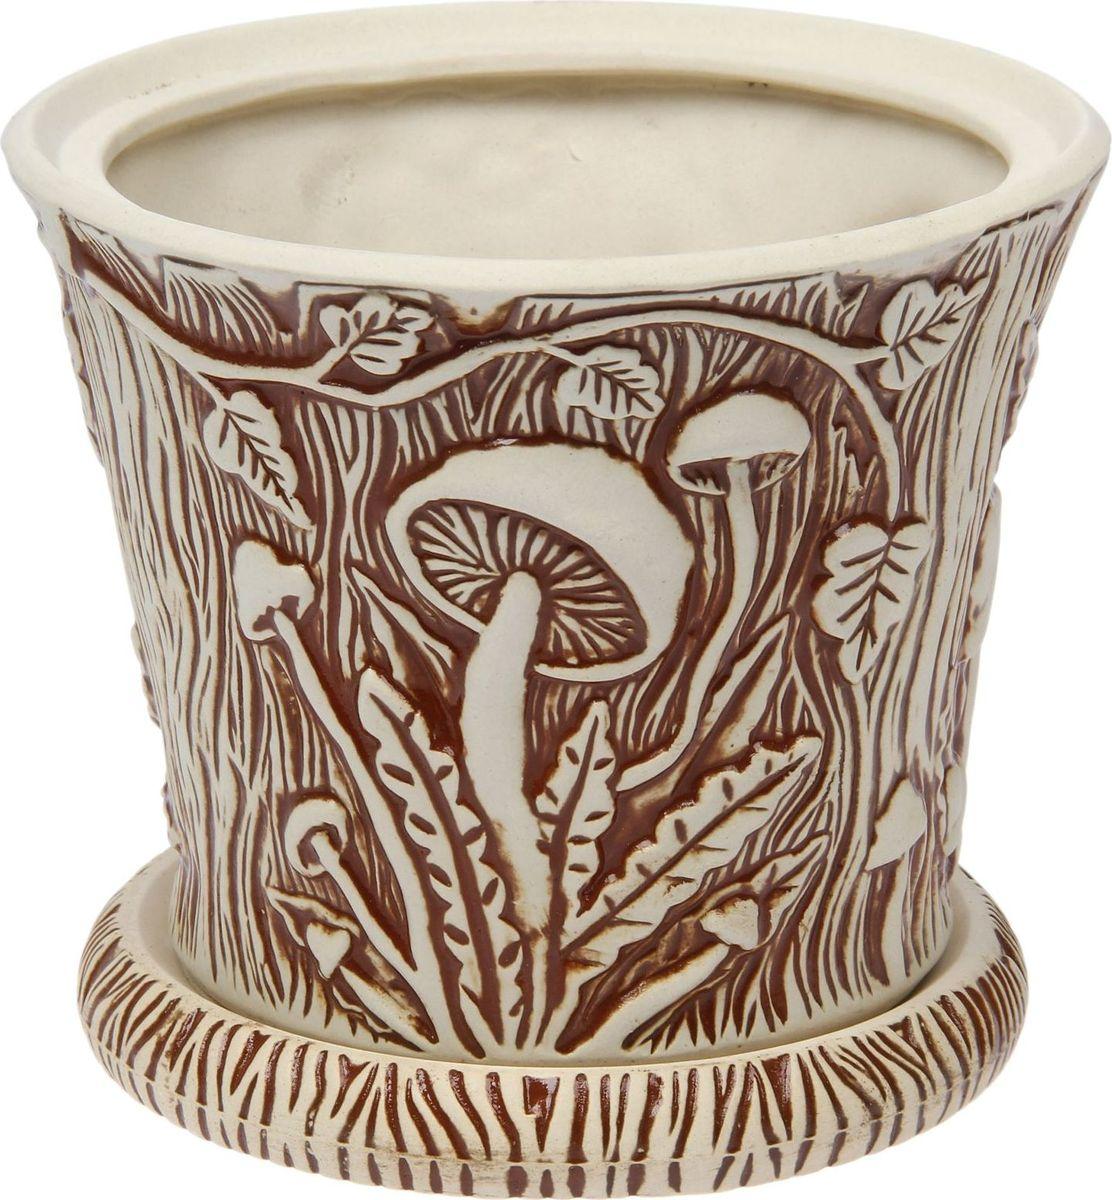 Кашпо Керамика ручной работы Грибы, 3 л1475897Комнатные растения — всеобщие любимцы. Они радуют глаз, насыщают помещение кислородом и украшают пространство. Каждому из них необходим свой удобный и красивый дом. Кашпо из керамики прекрасно подходят для высадки растений: за счет пластичности глины и разных способов обработки существует великое множество форм и дизайнов пористый материал позволяет испаряться лишней влаге воздух, необходимый для дыхания корней, проникает сквозь керамические стенки! позаботится о зеленом питомце, освежит интерьер и подчеркнет его стиль.